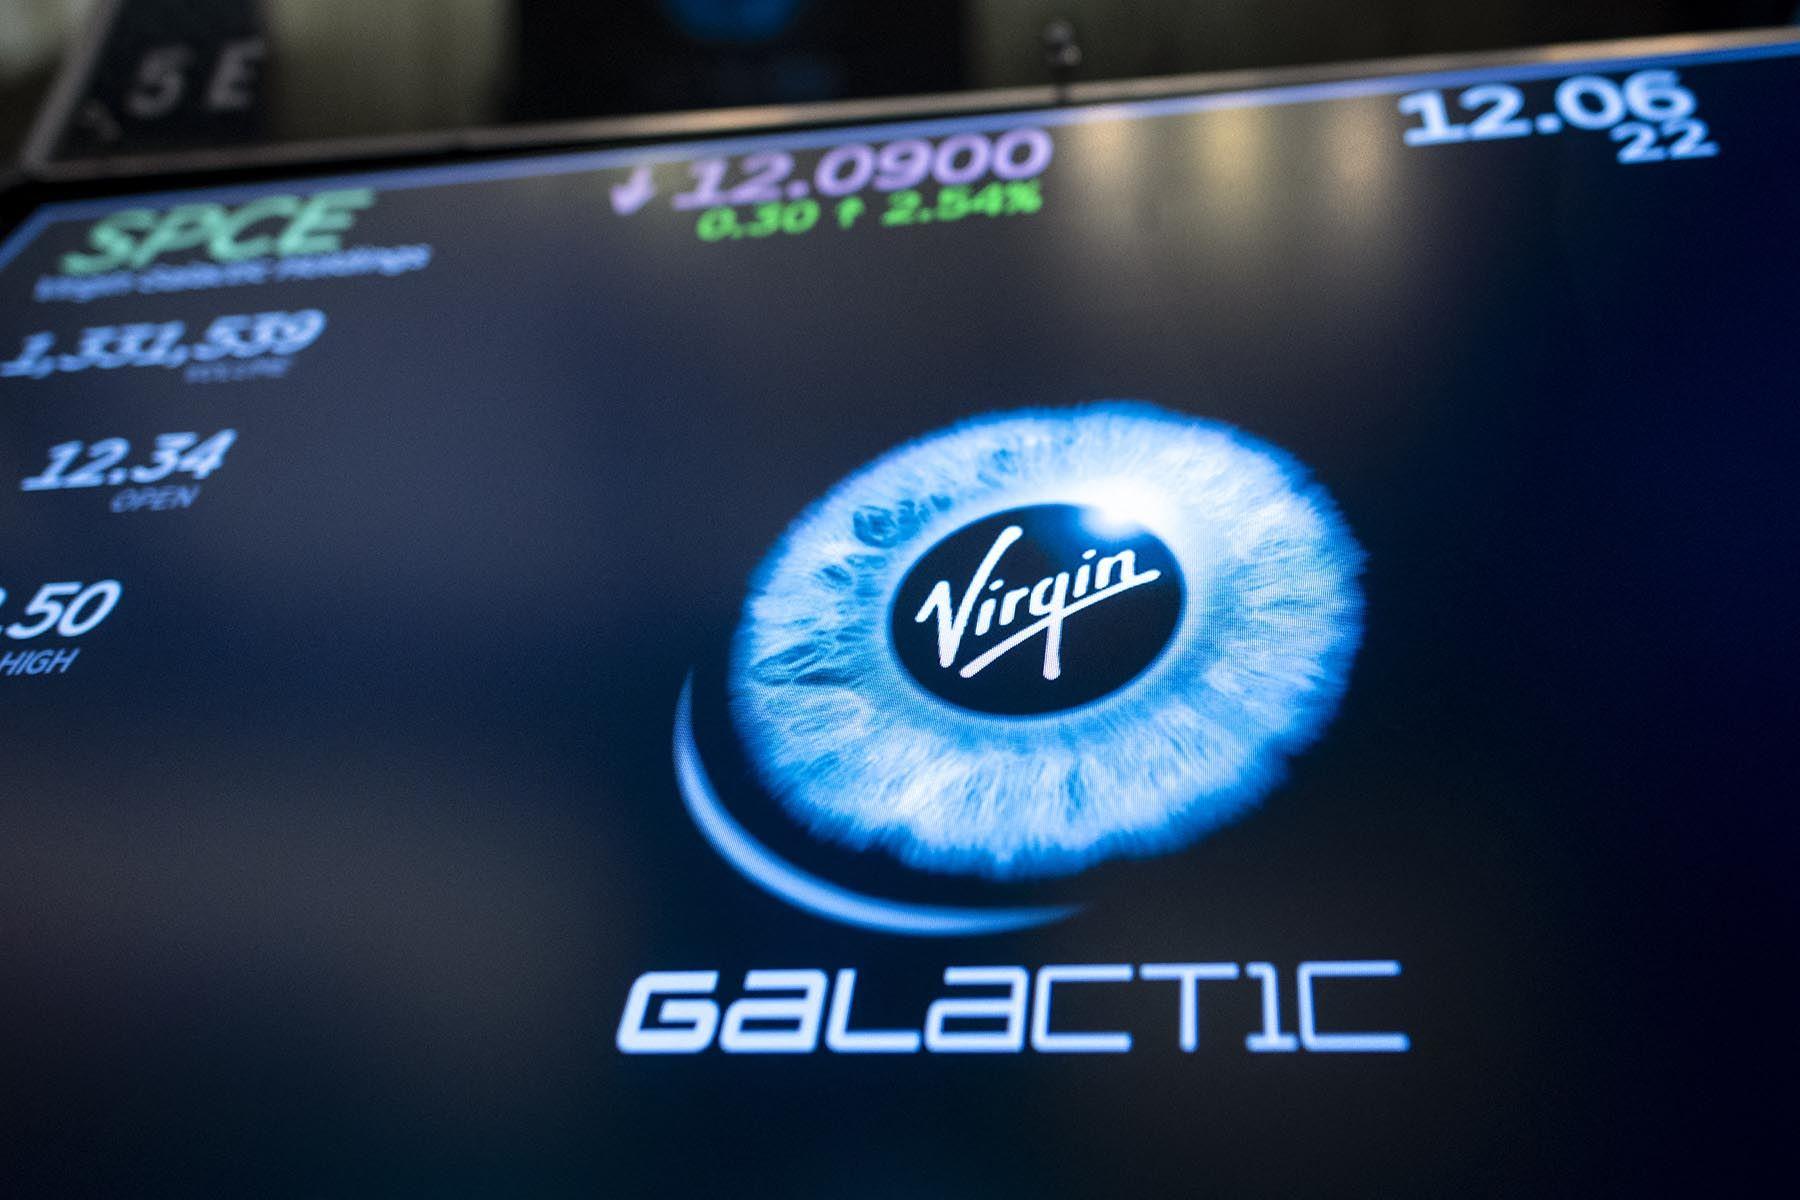 Sigue en vivo el viaje tripulado al espacio de Virgin Galactic